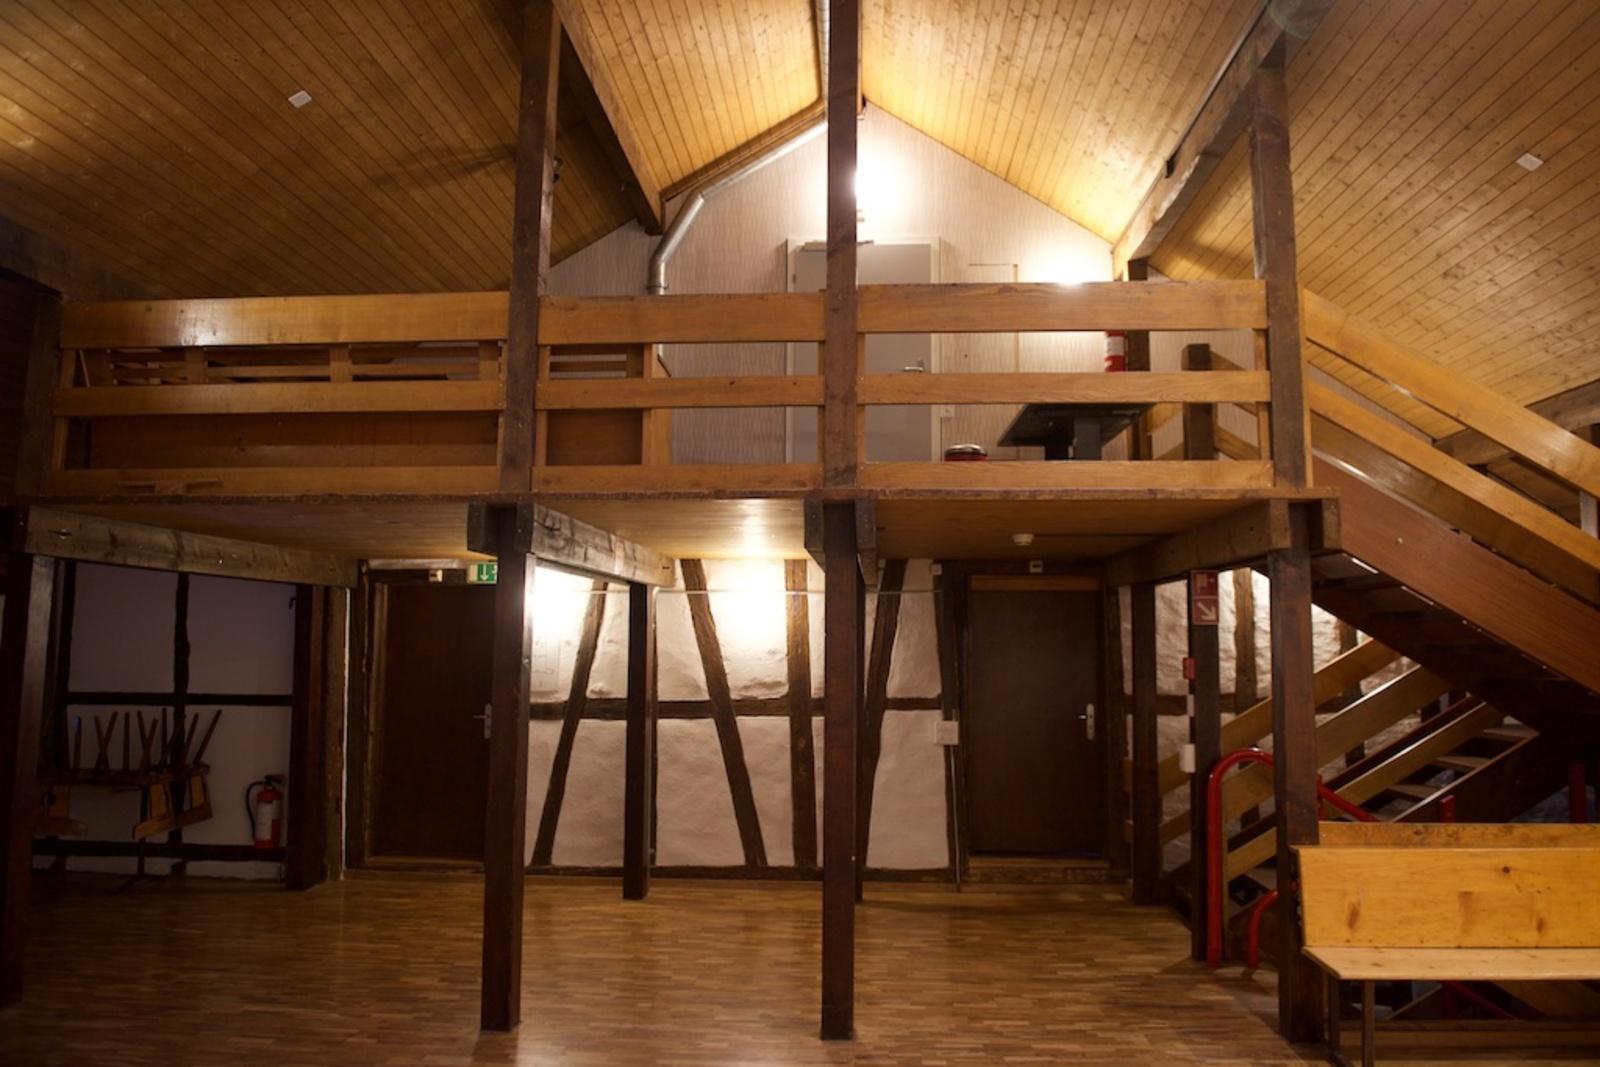 Pfadiheim Buech, 8704 Herrliberg - 9621 - Cheminéeraum